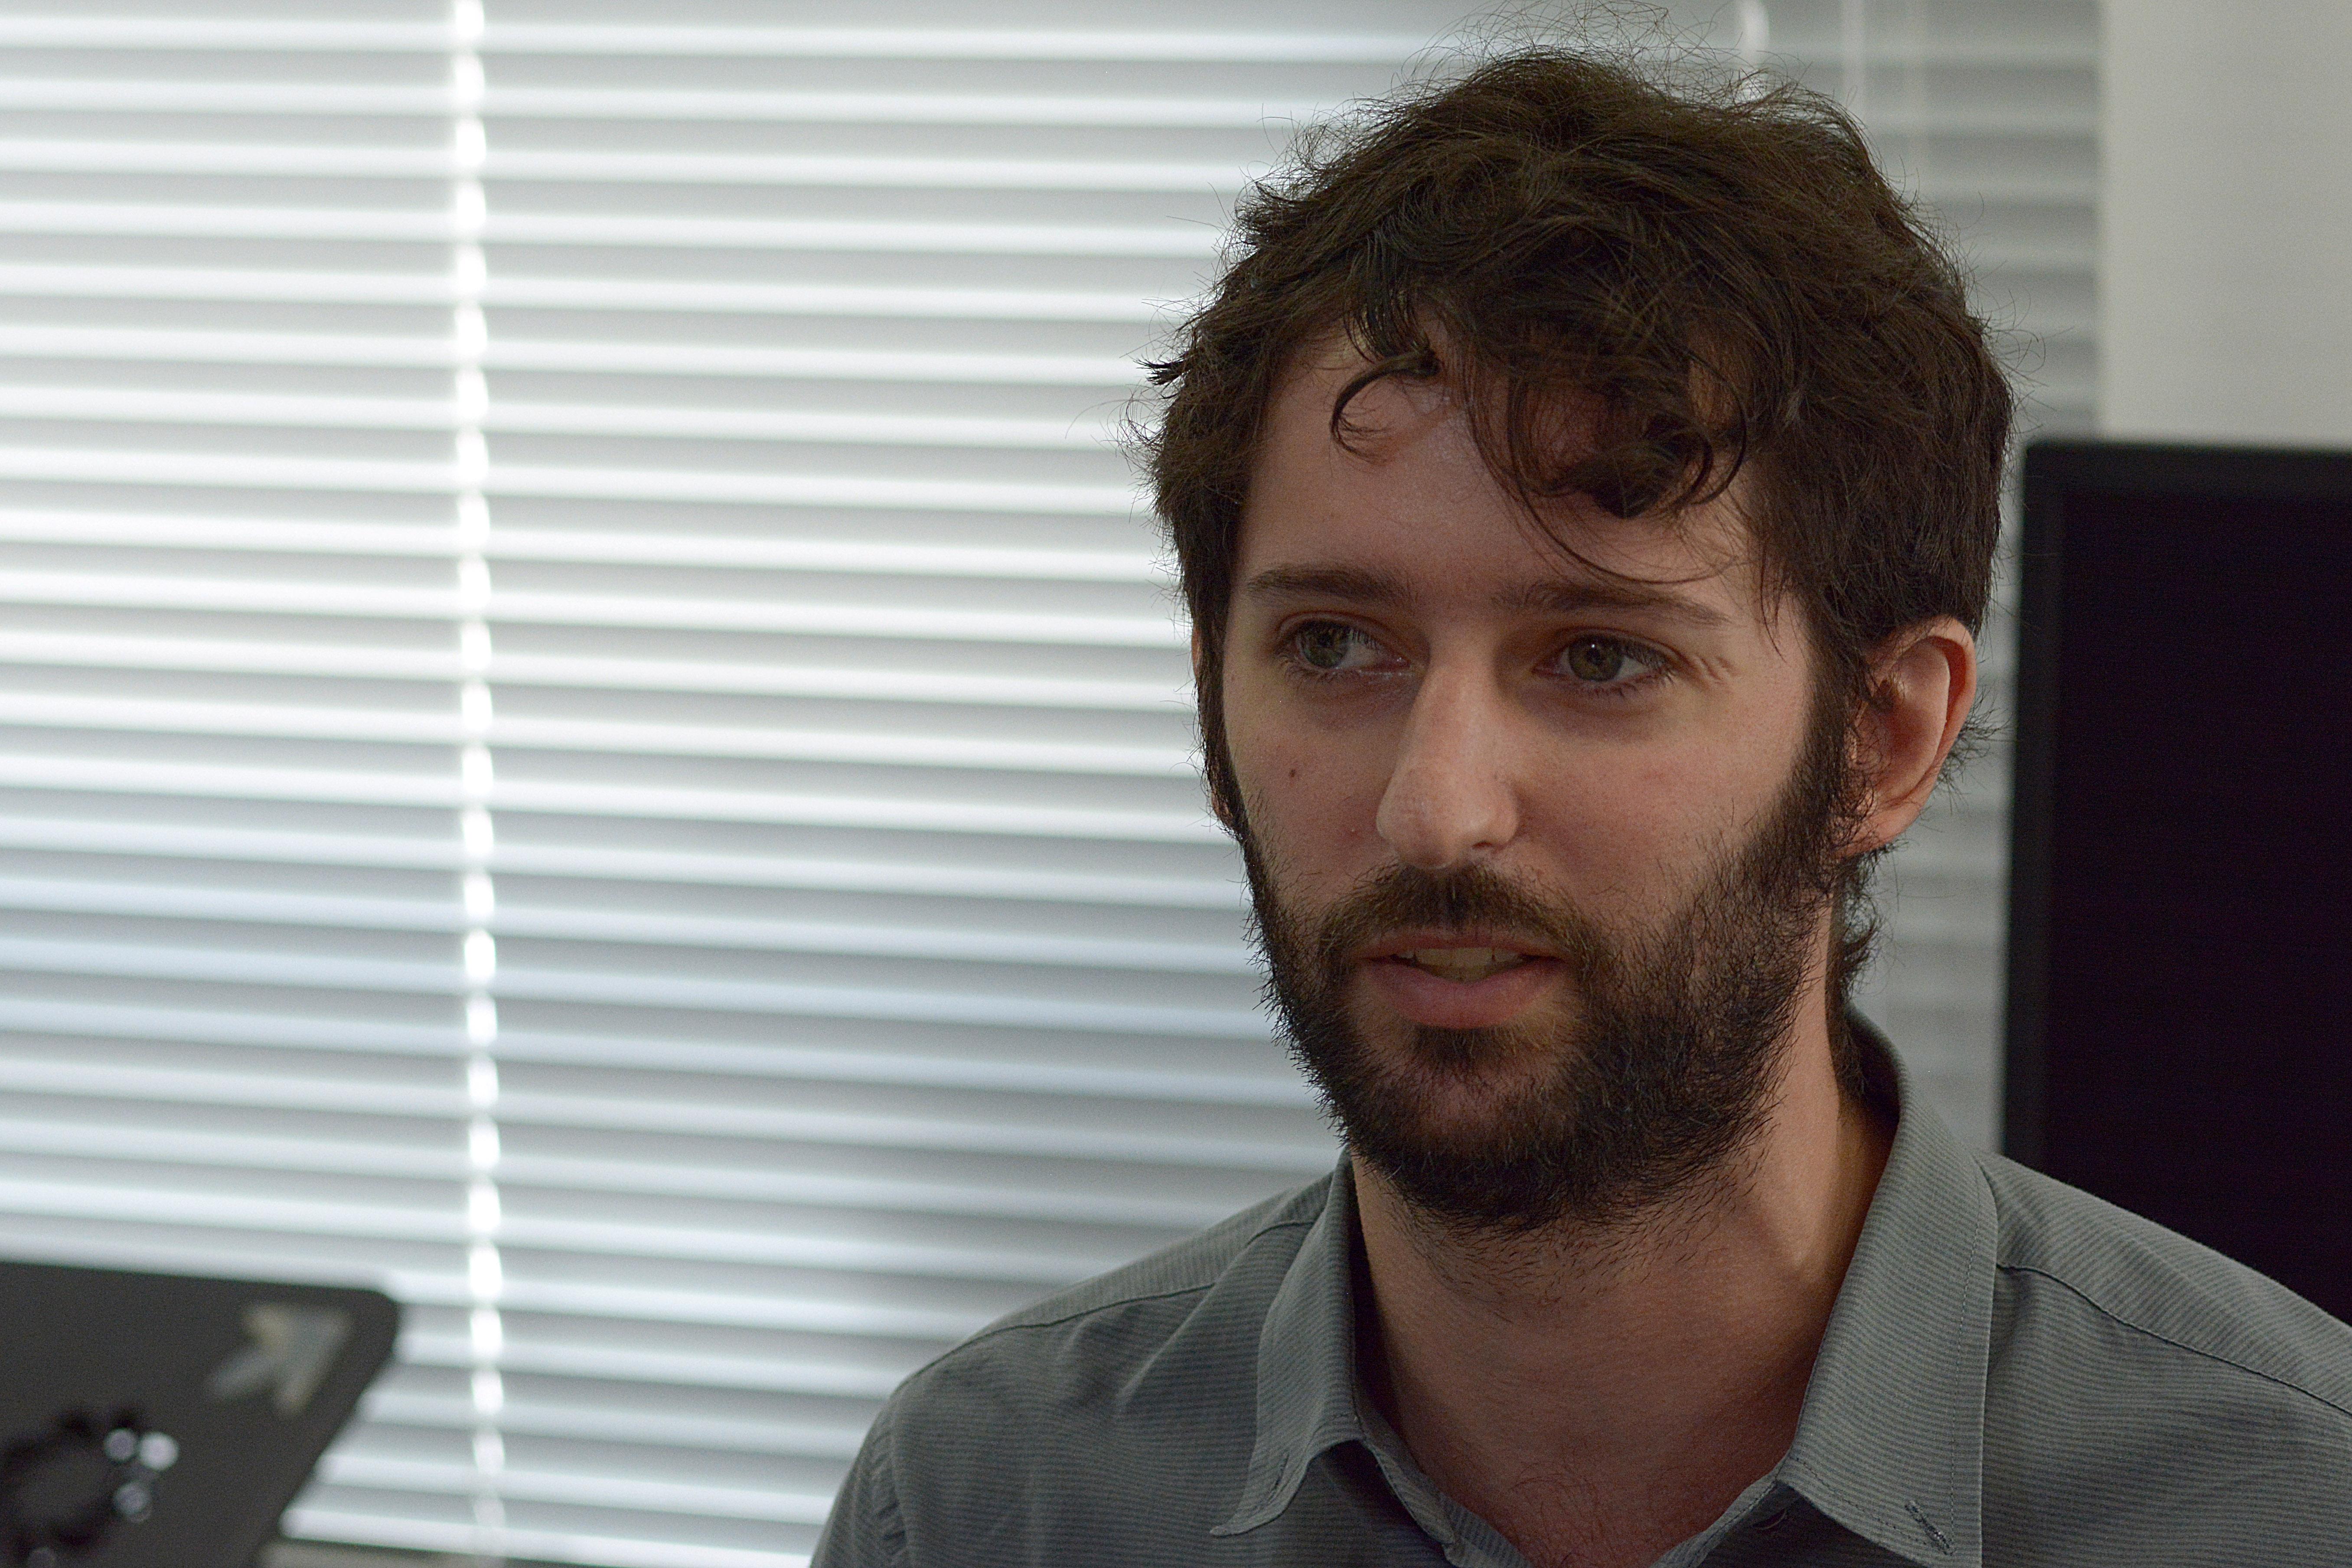 Guilherme Vianna pesquisou sobre o tempo de deslocamento casa-trabalho na RMRJ. Foto: Publius Vergilius